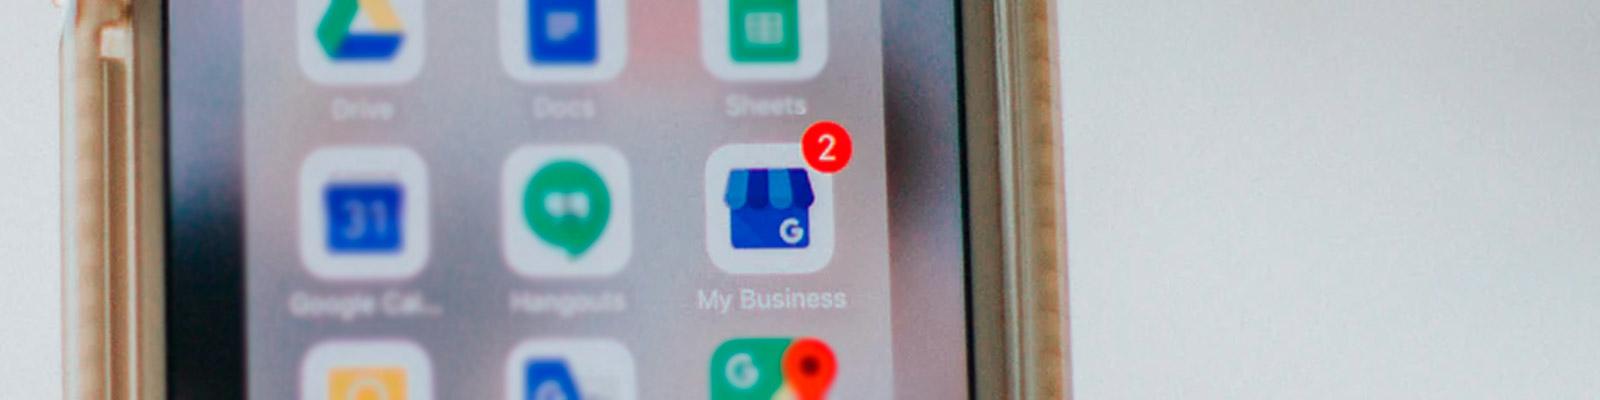 como-mejorar-mi-posicionamiento-con-google-my-business